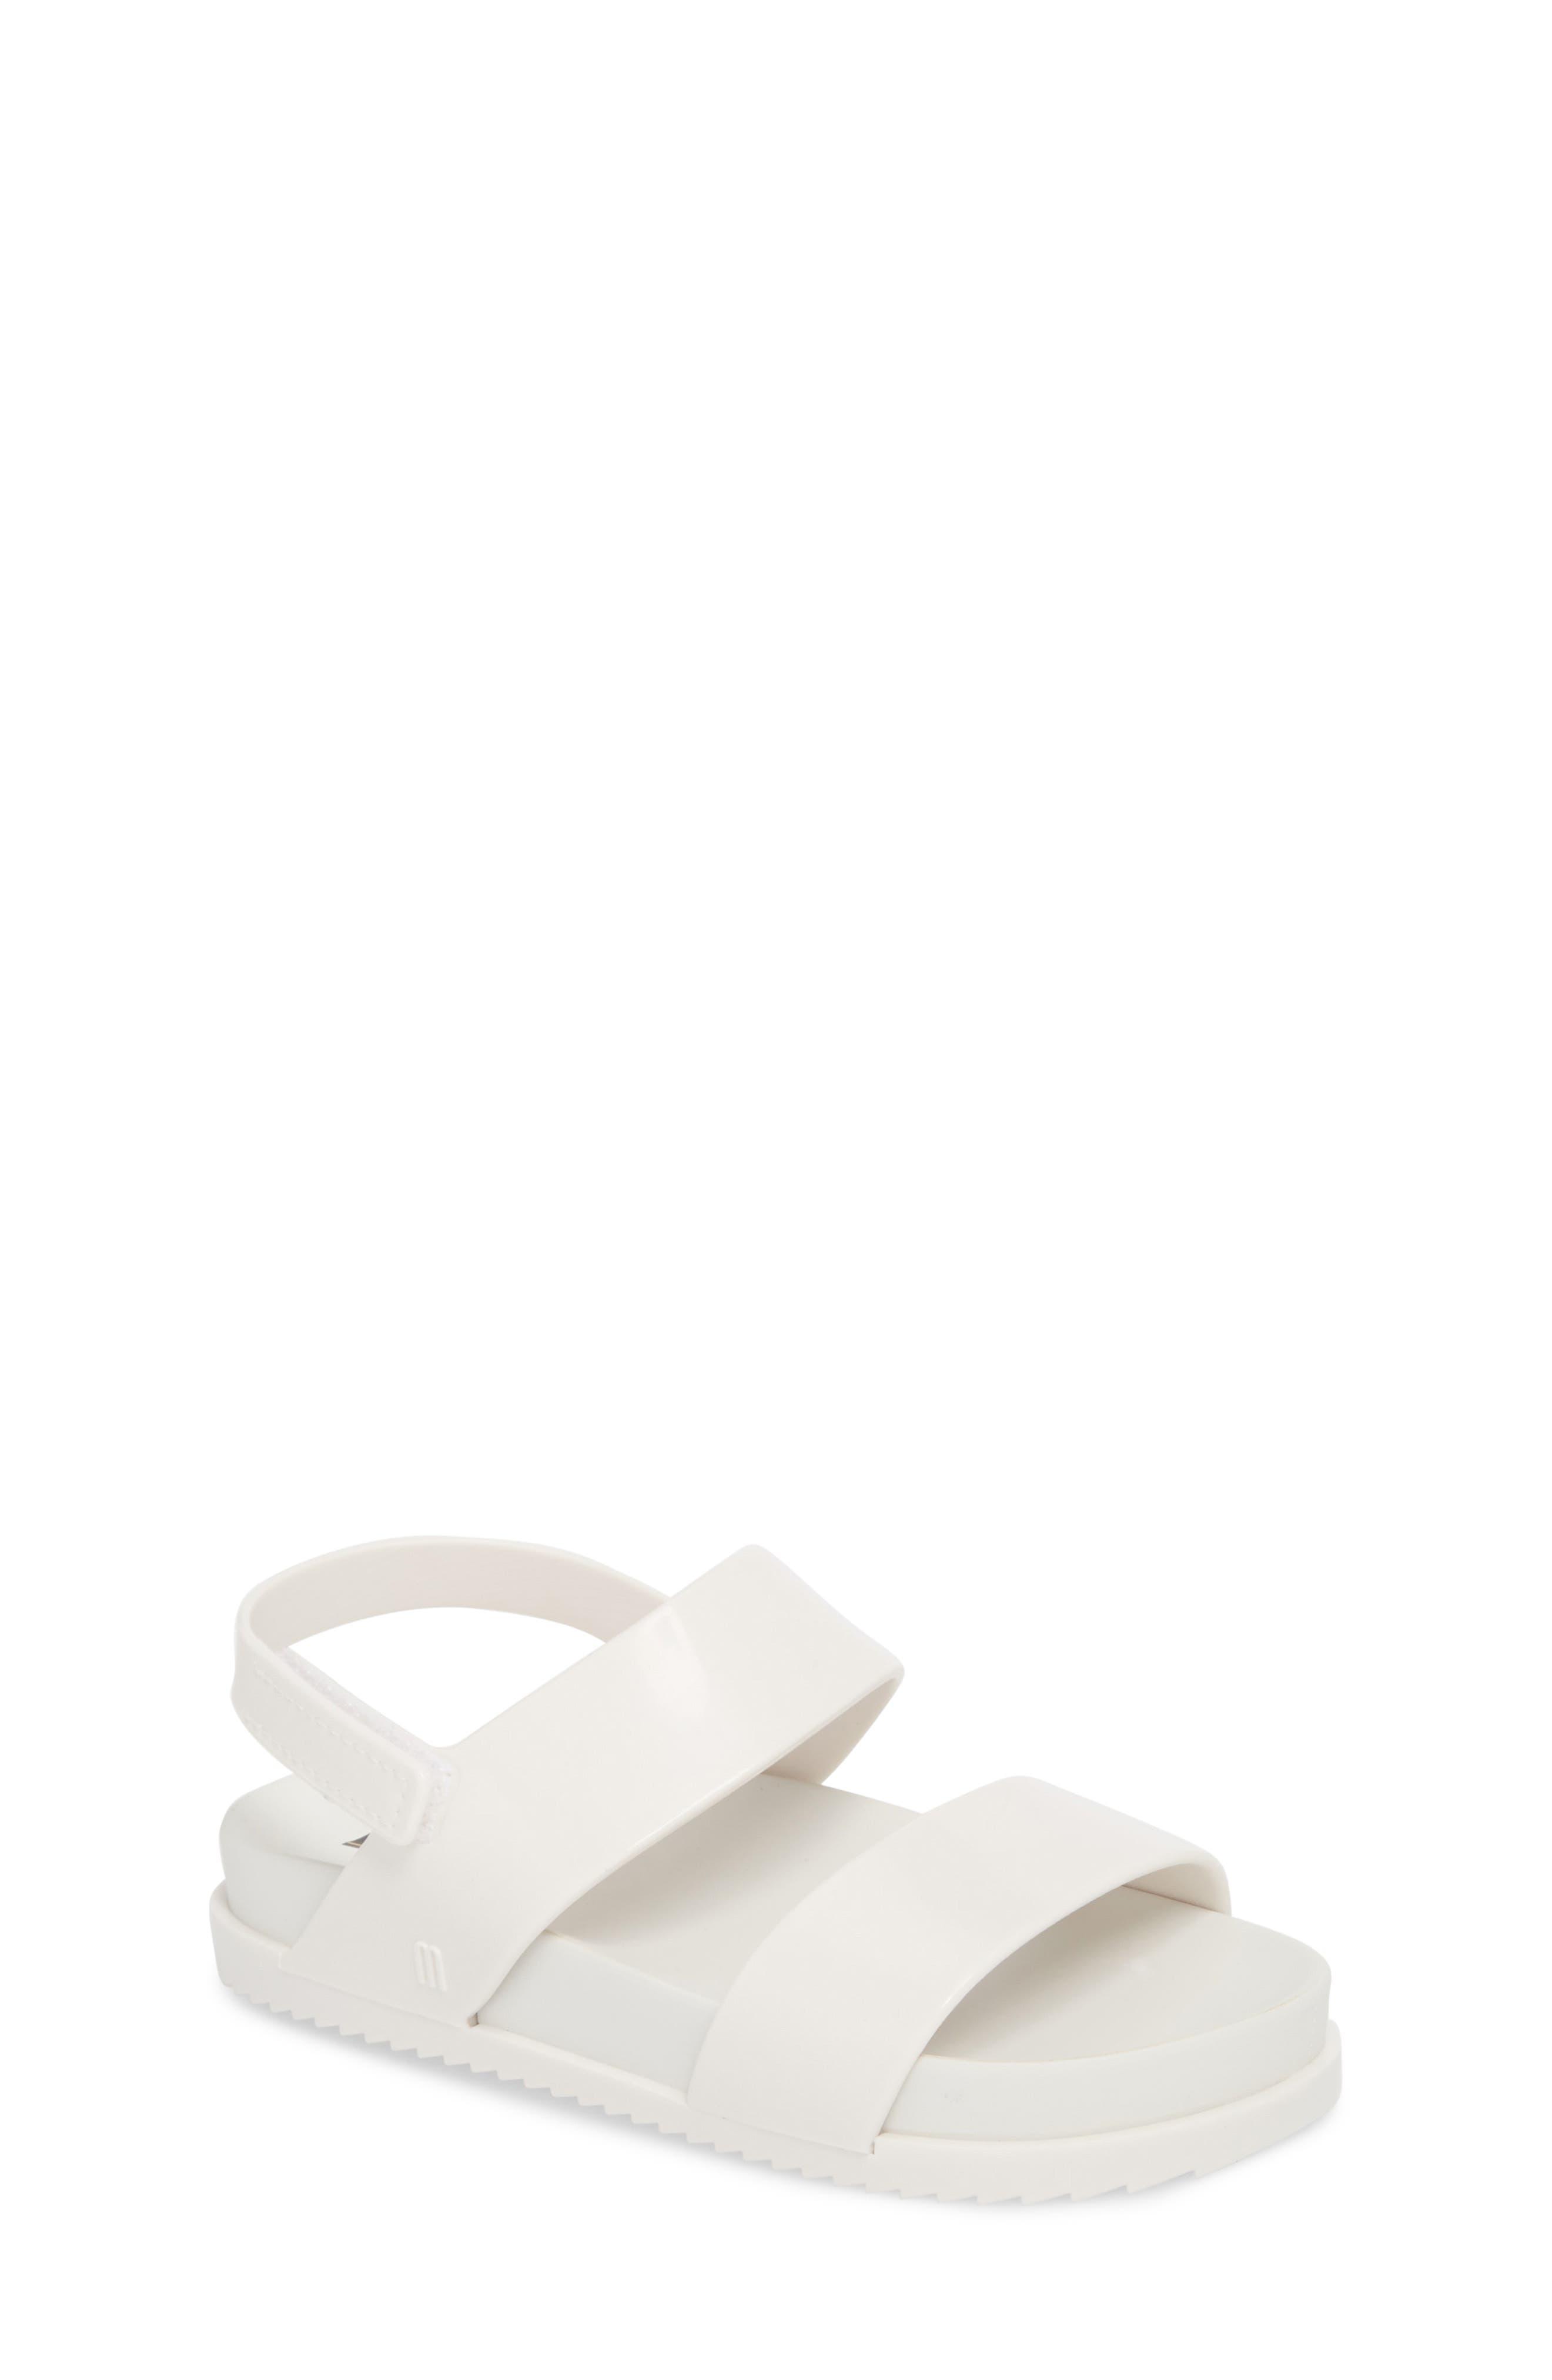 Toddler Girls Mini Melissa Glittery Cosmic Sandal Size 5 M  White